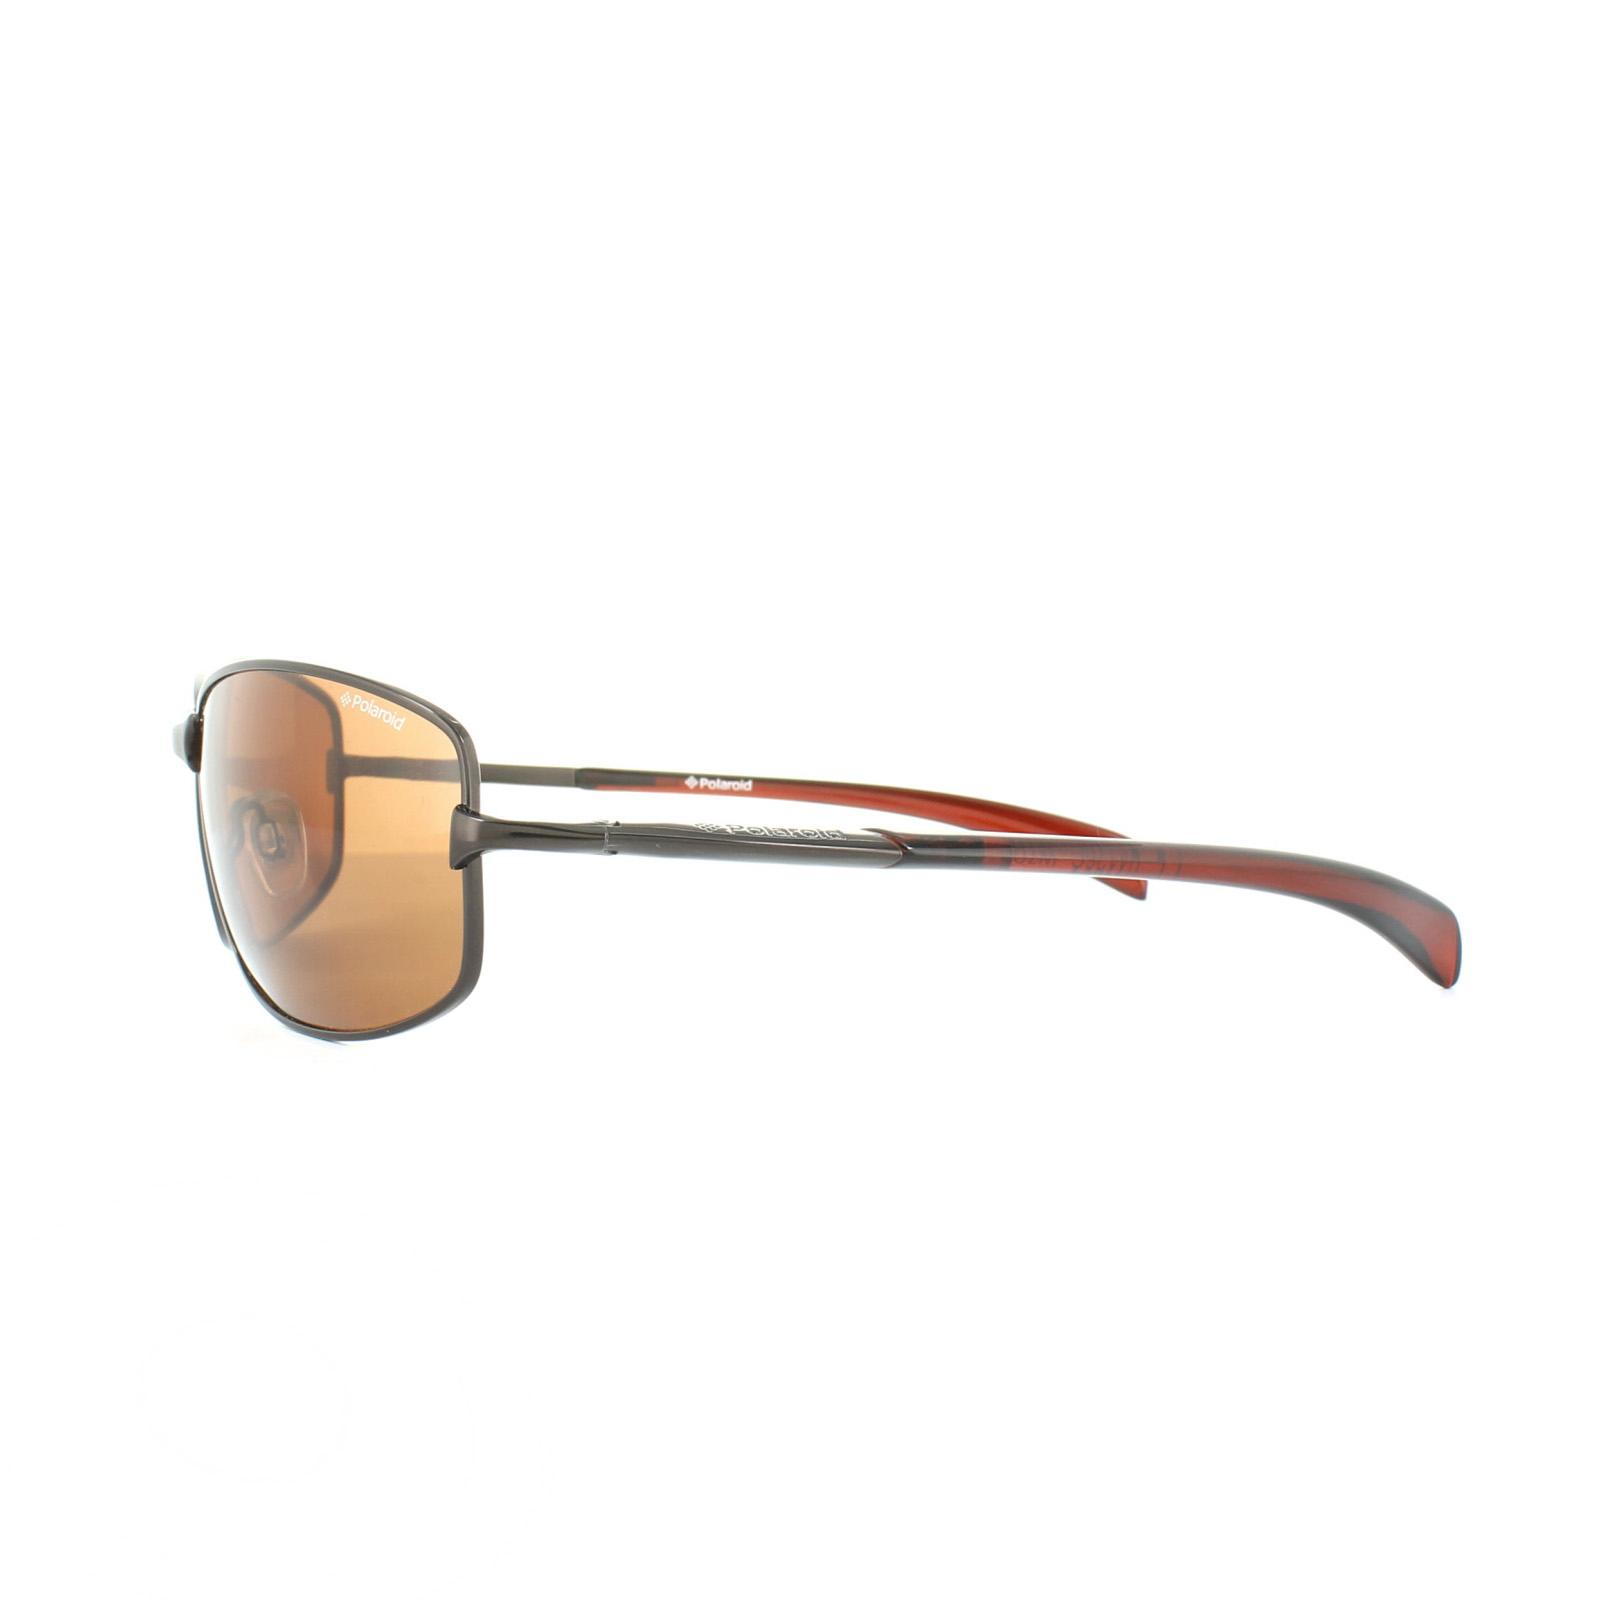 346c9768f328 Sentinel Polaroid Sunglasses P4126 W7D HE Dark Brown Copper Polarized